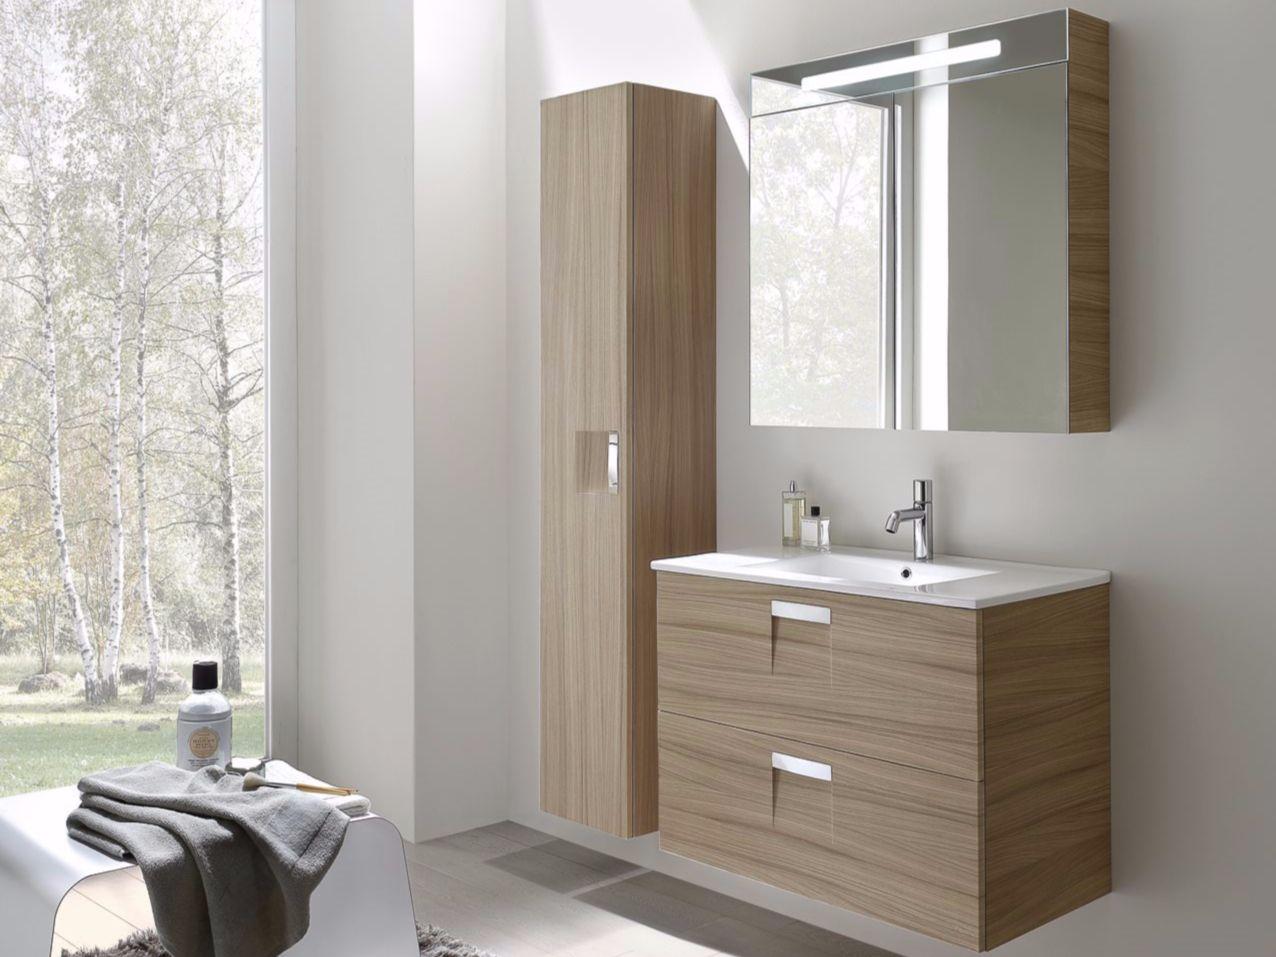 Sistema bagno componibile look collezione look by inda - Inda mobili bagno prezzi ...